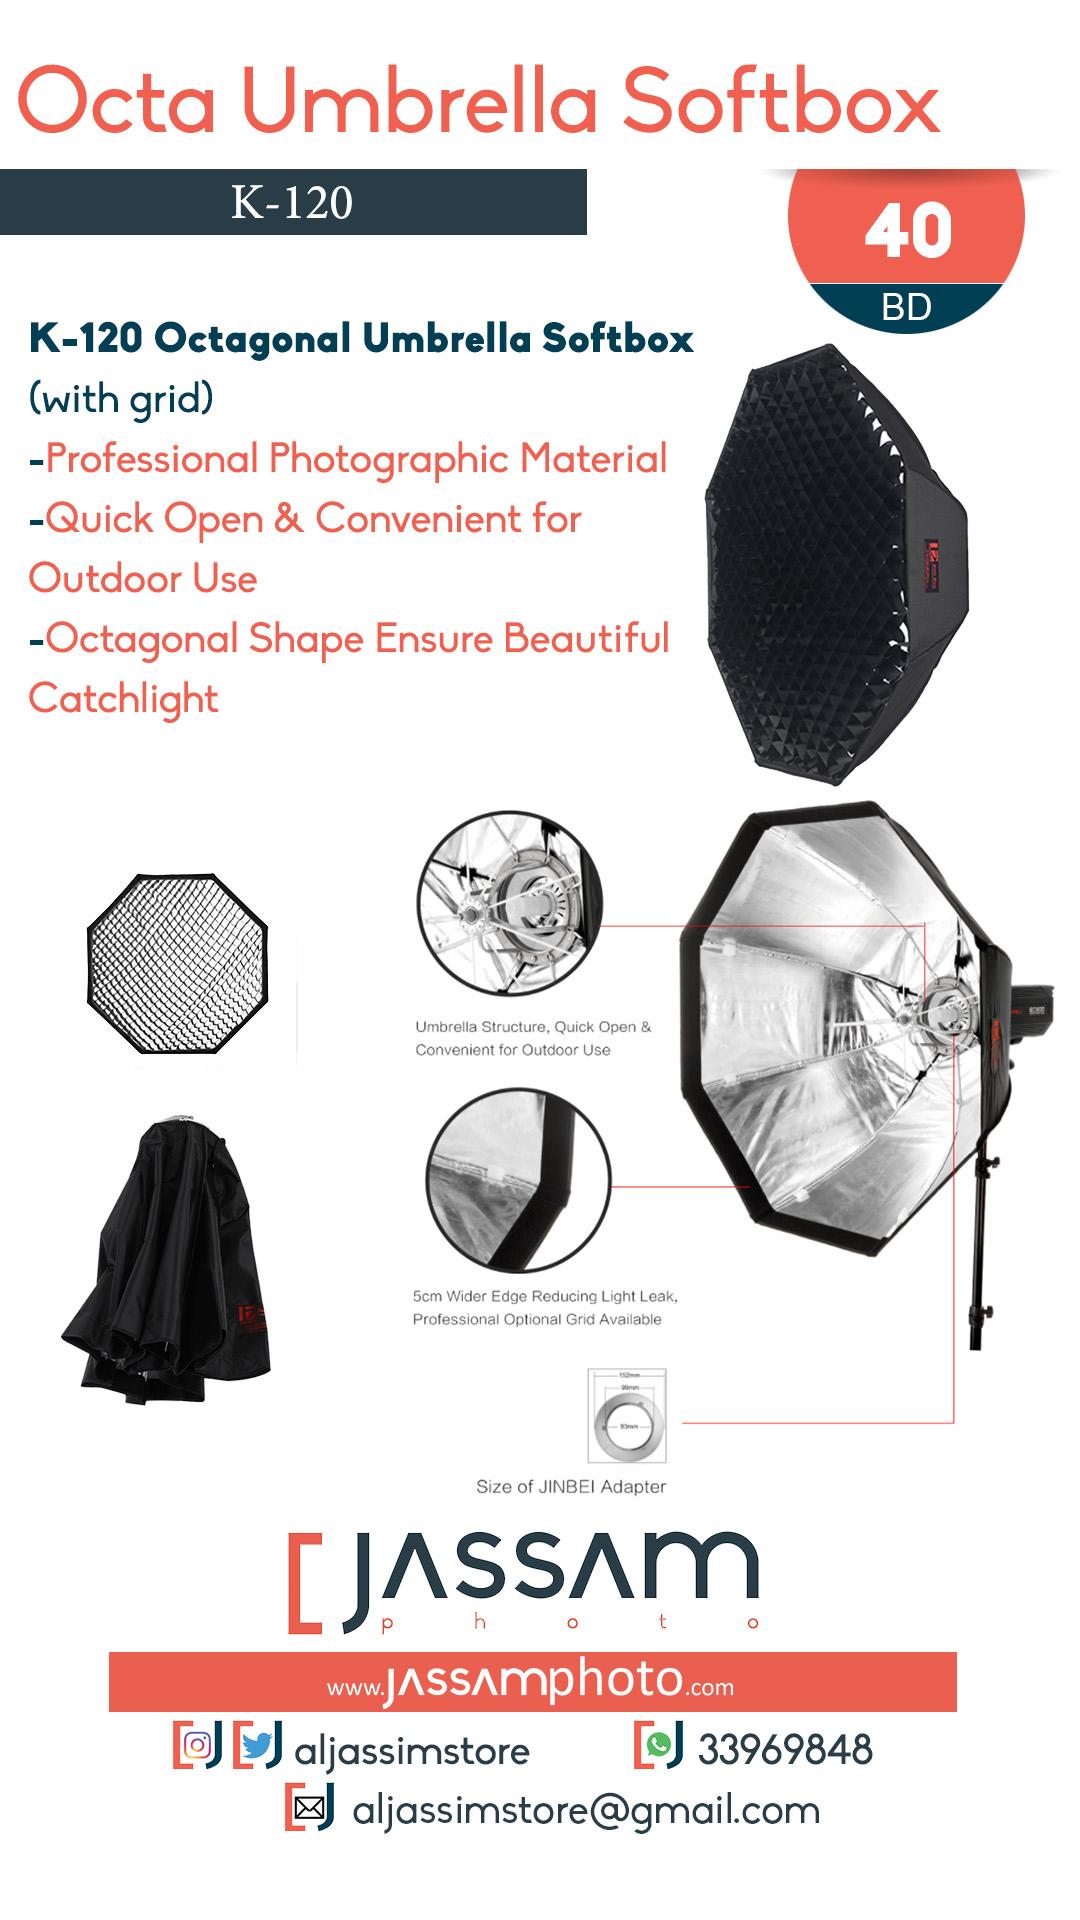 Octa Umbrella Softbox K-120